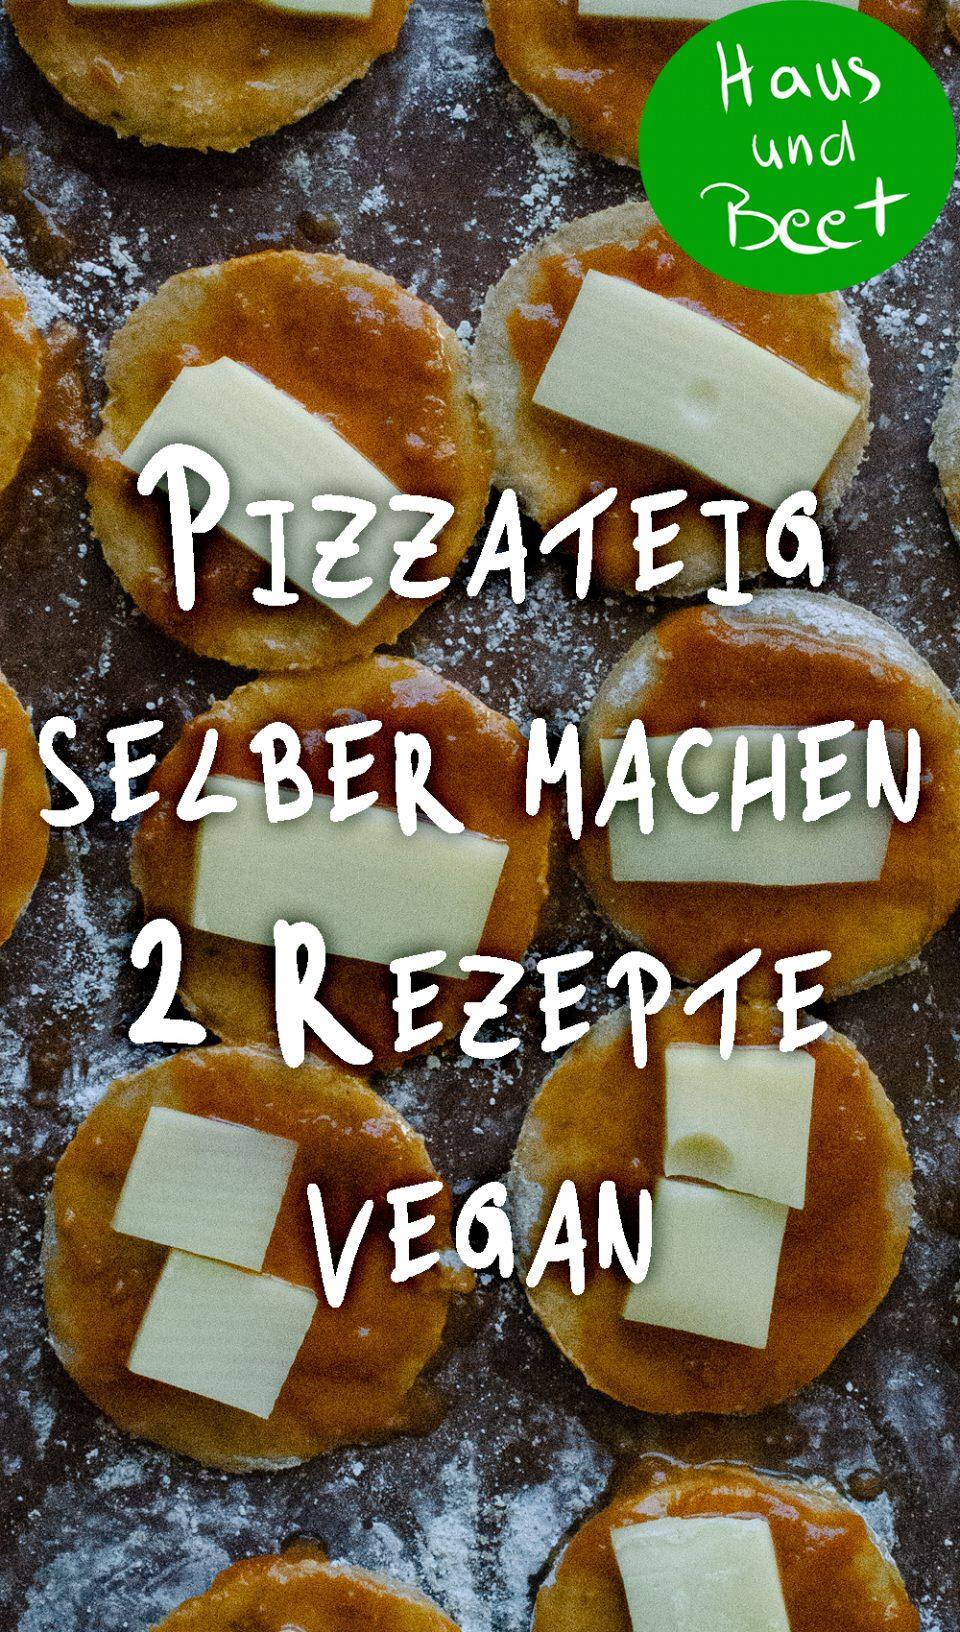 Pizzateig selber machen vegan